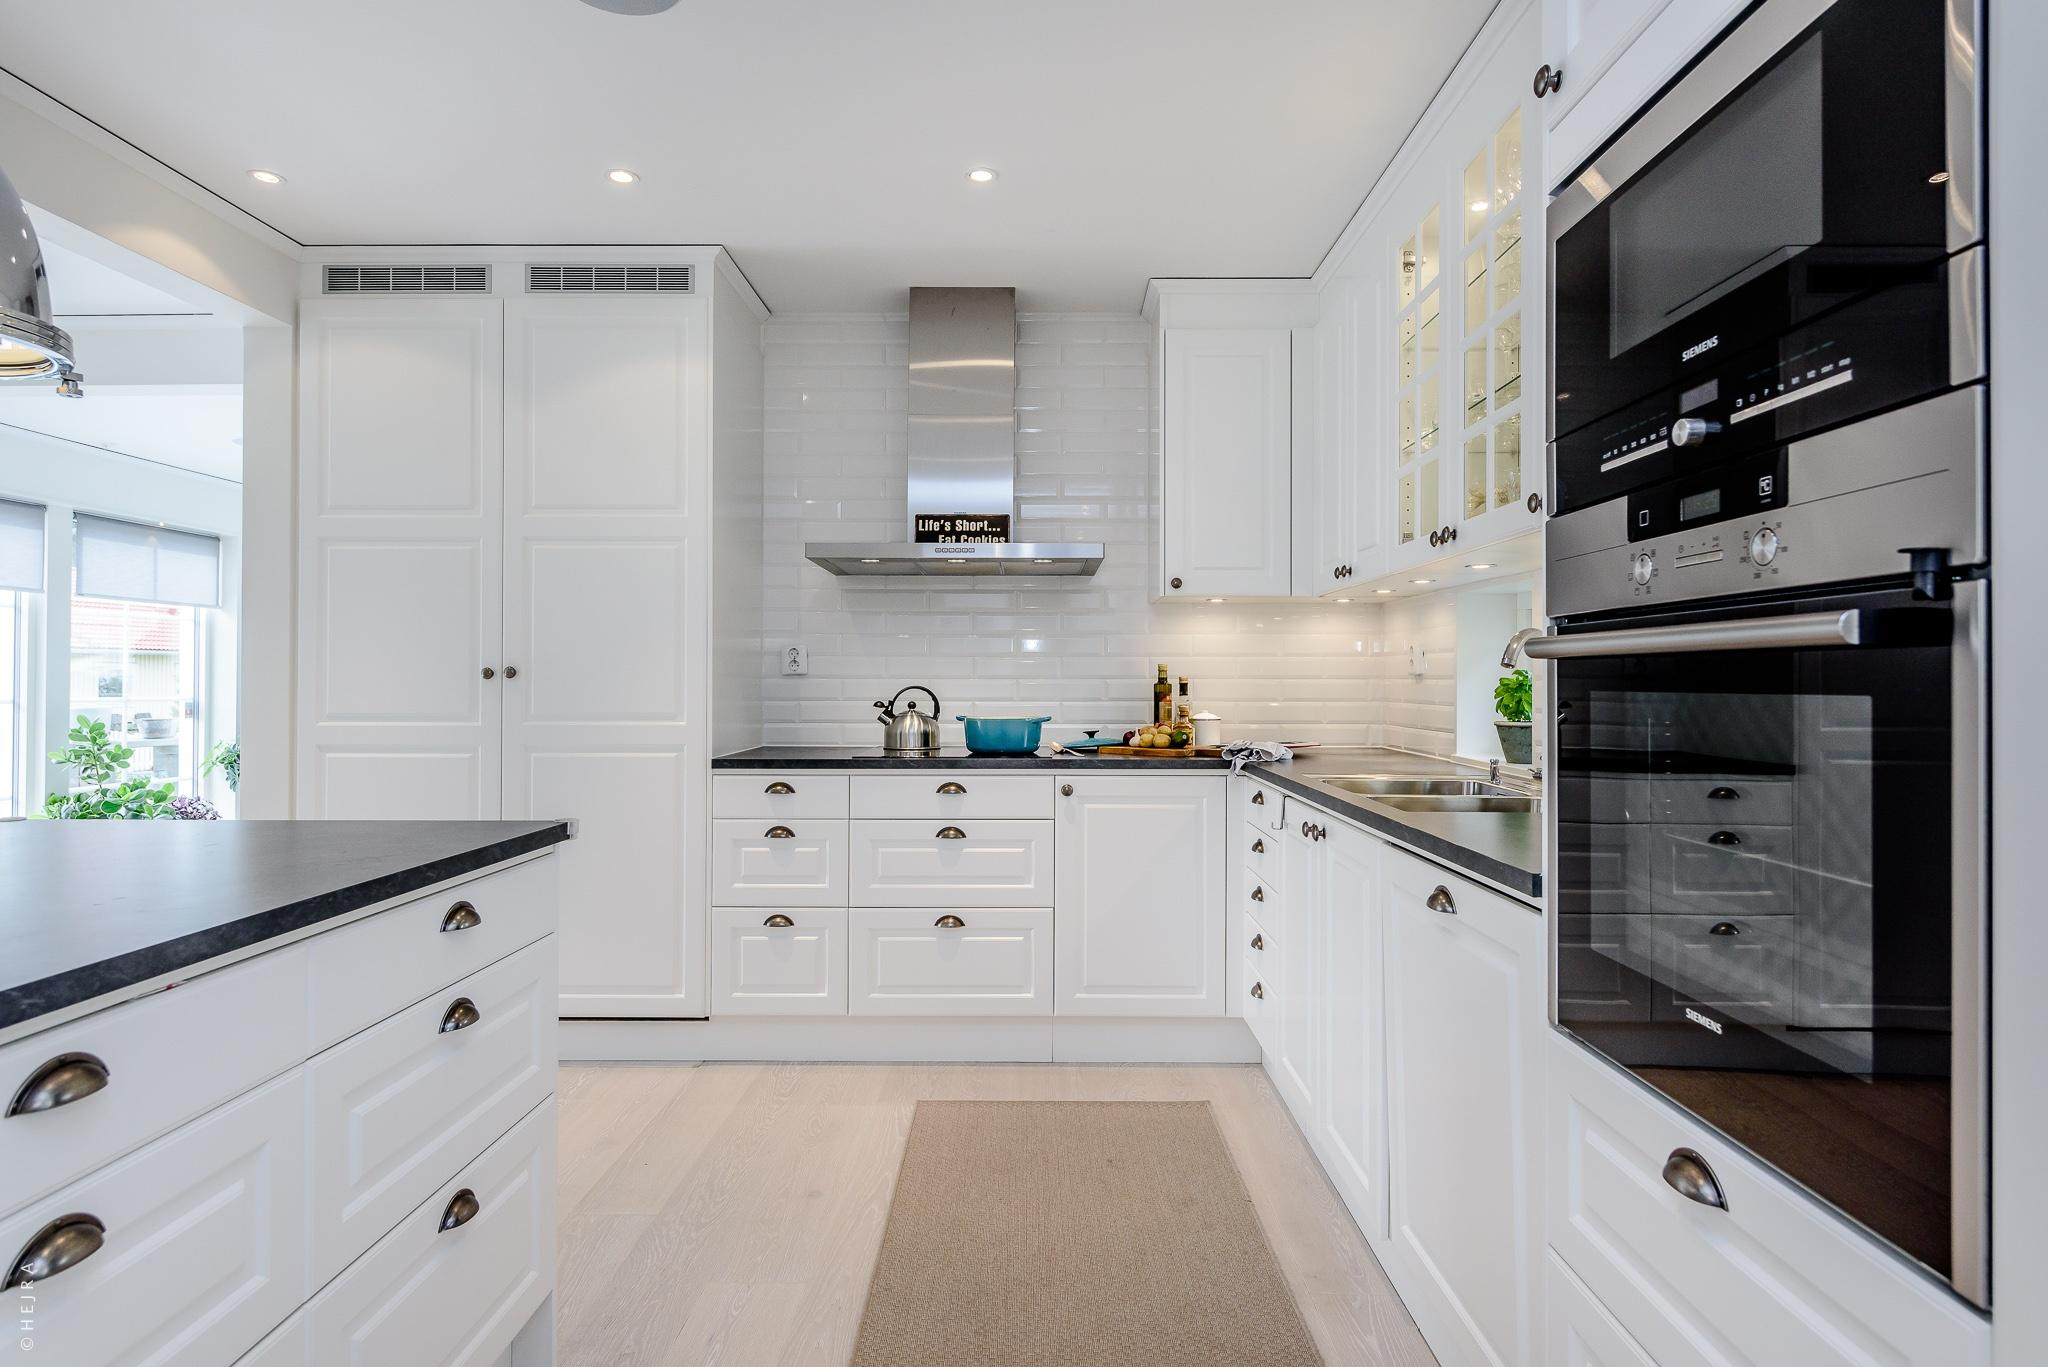 кухонный остров кухонная мебель варочная панель вытяжка встроенная духовка